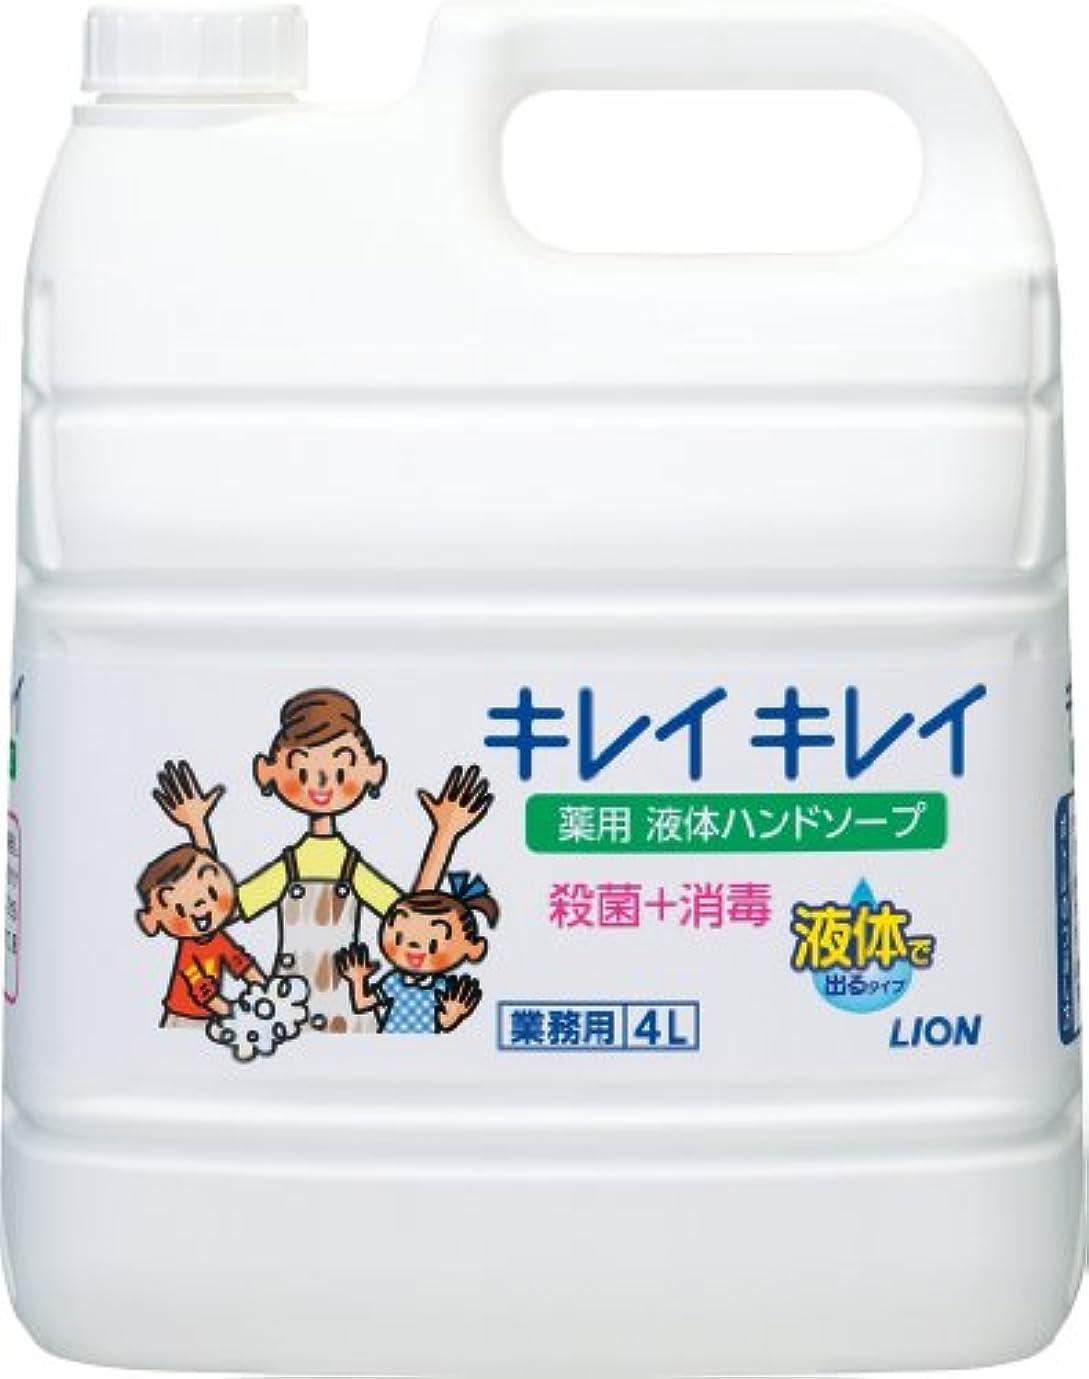 パイプライン事故歌手【業務用 大容量】キレイキレイ 薬用 ハンドソープ  4L(医薬部外品)